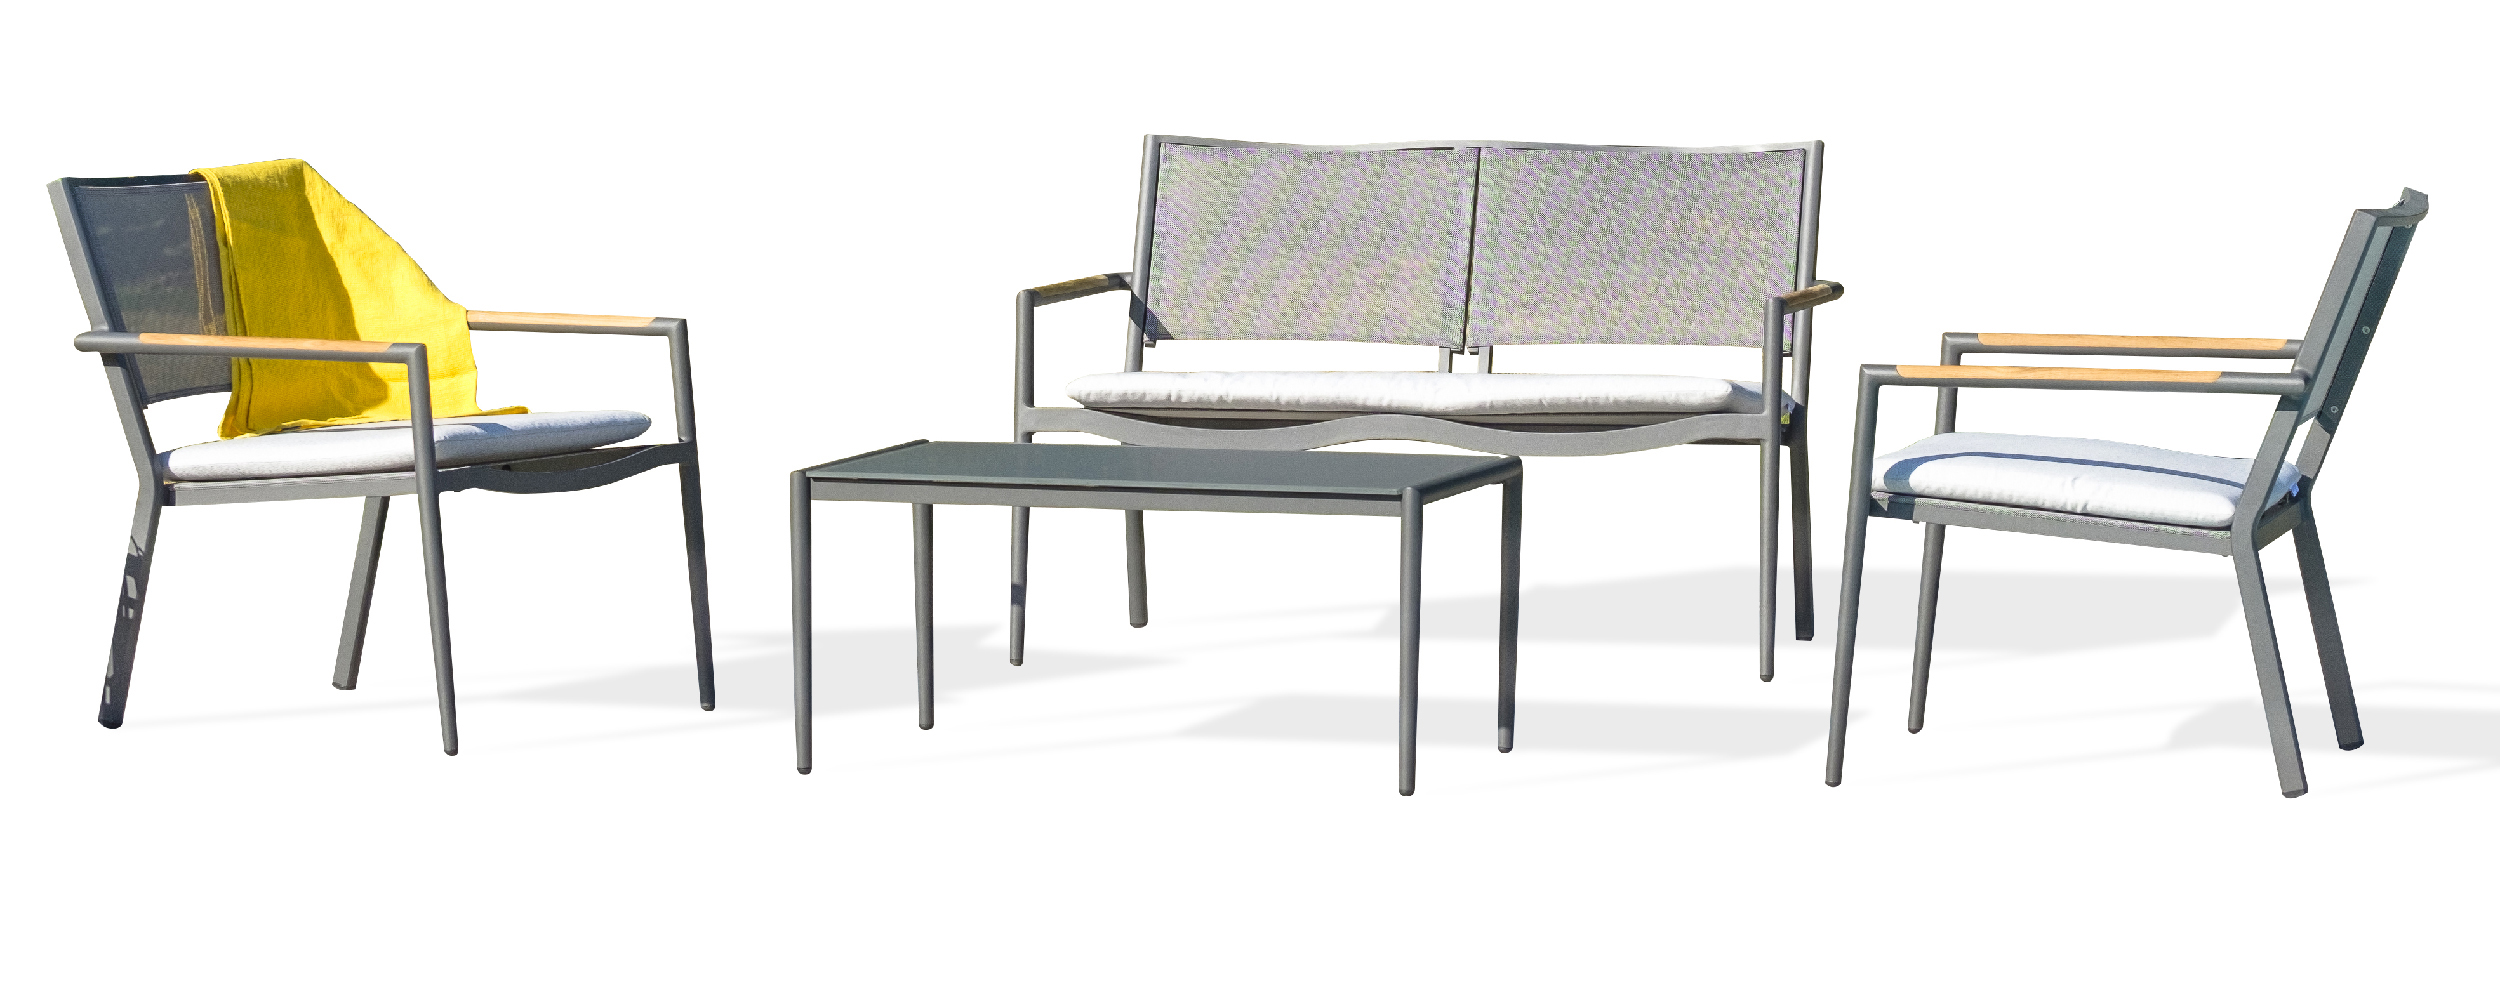 Salon de jardin 4 places en toile plastifiée et aluminium gris